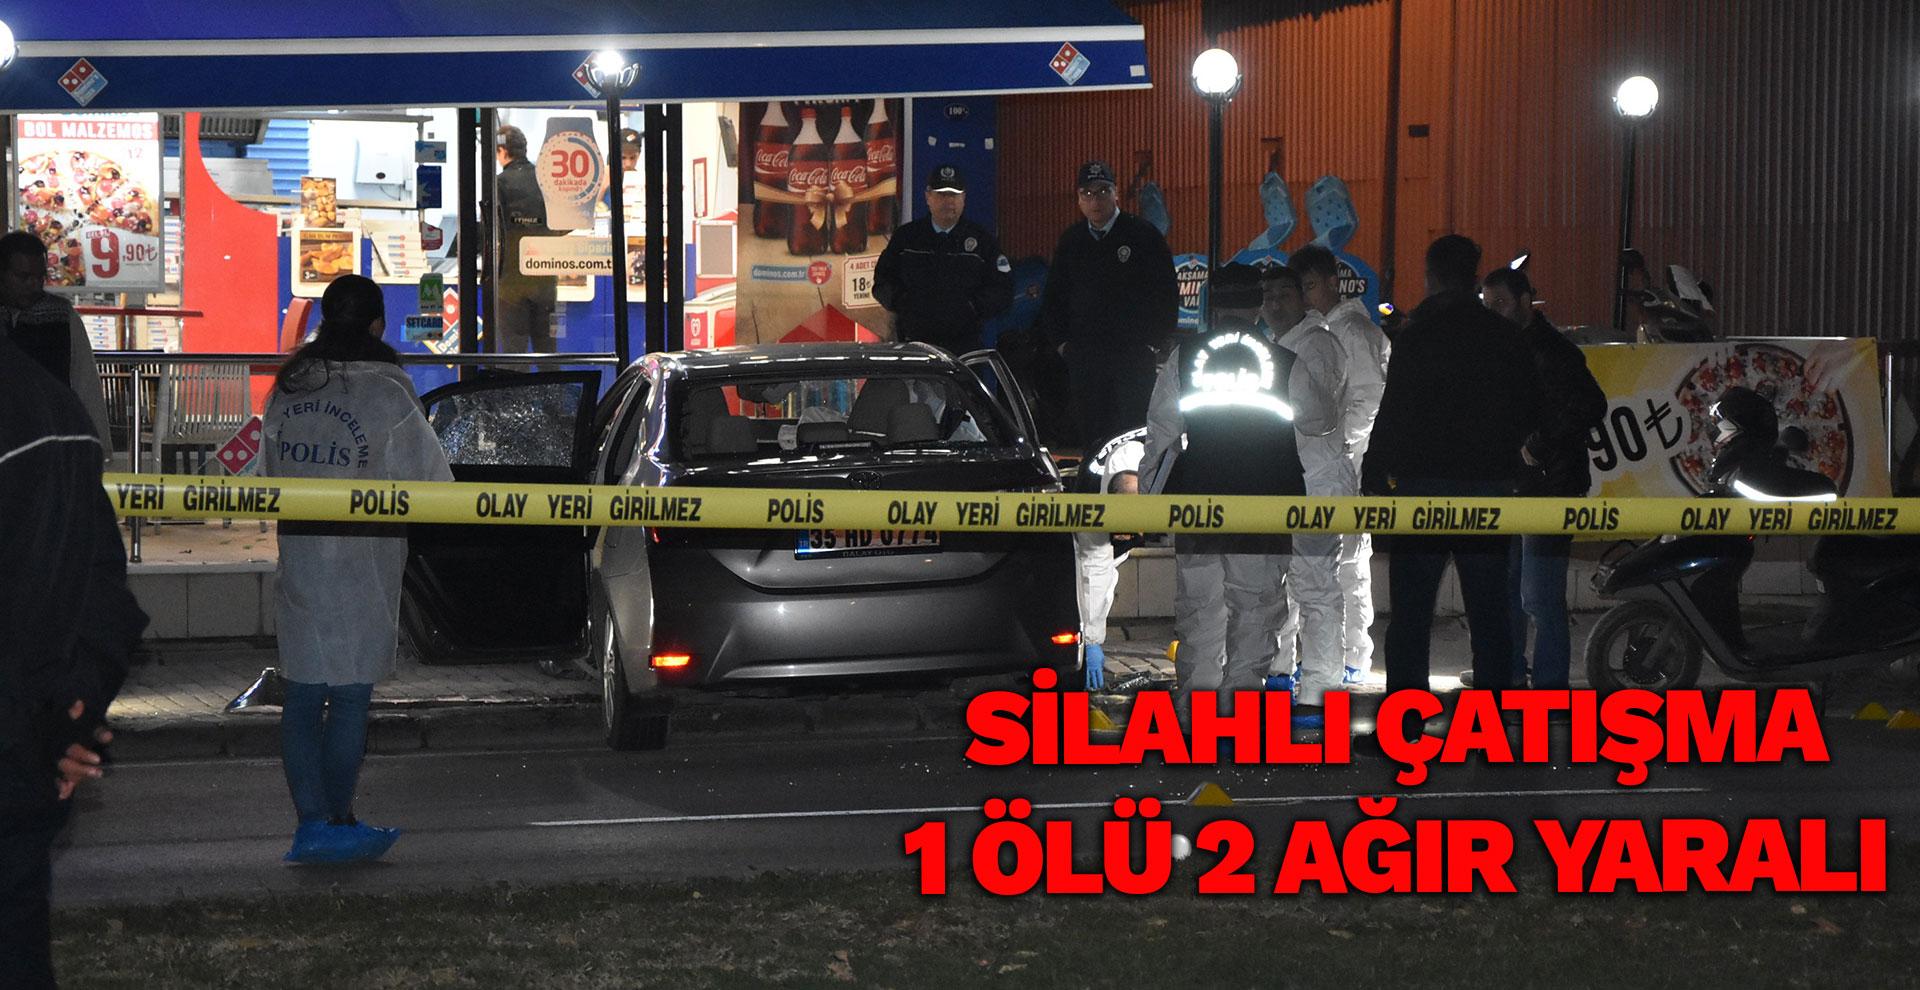 silahlı çatışma: 1 ölü, 2 ağır yaralı